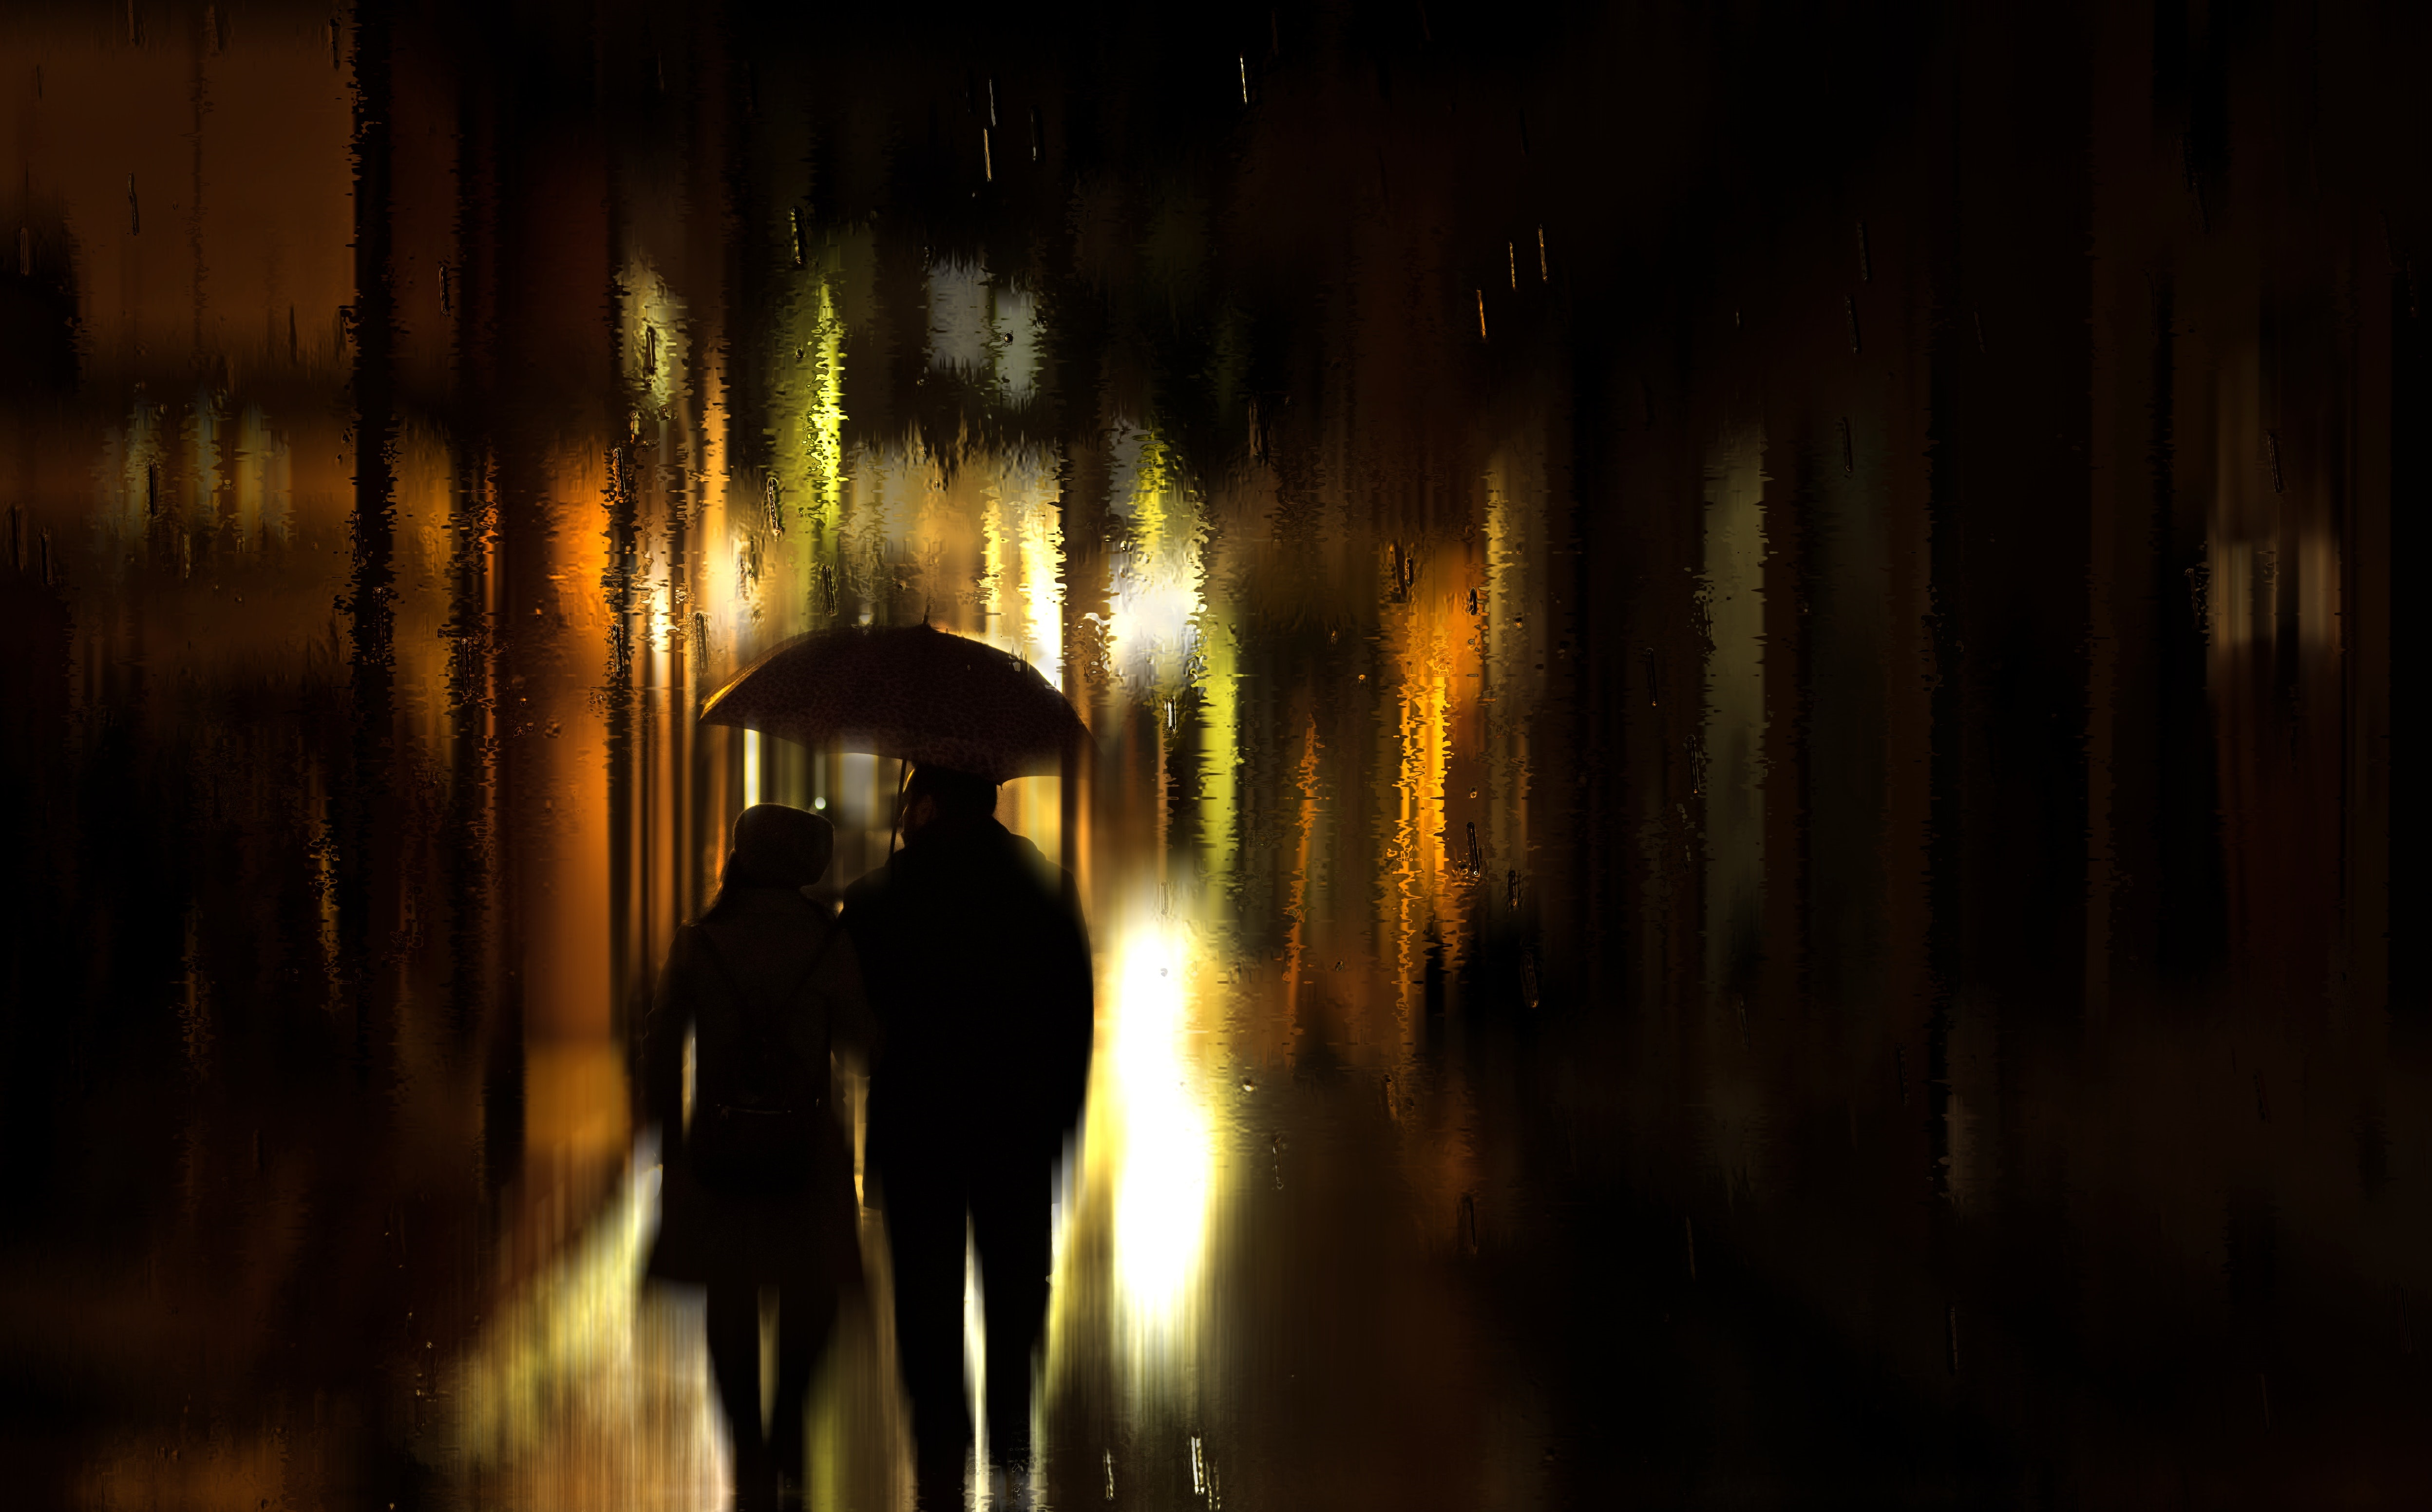 zekanın cazibesi, yakın ilişkiler, sapyoseksüellik, sapyoseksüel, romantik ilişkiler, psikoloji, Manşet